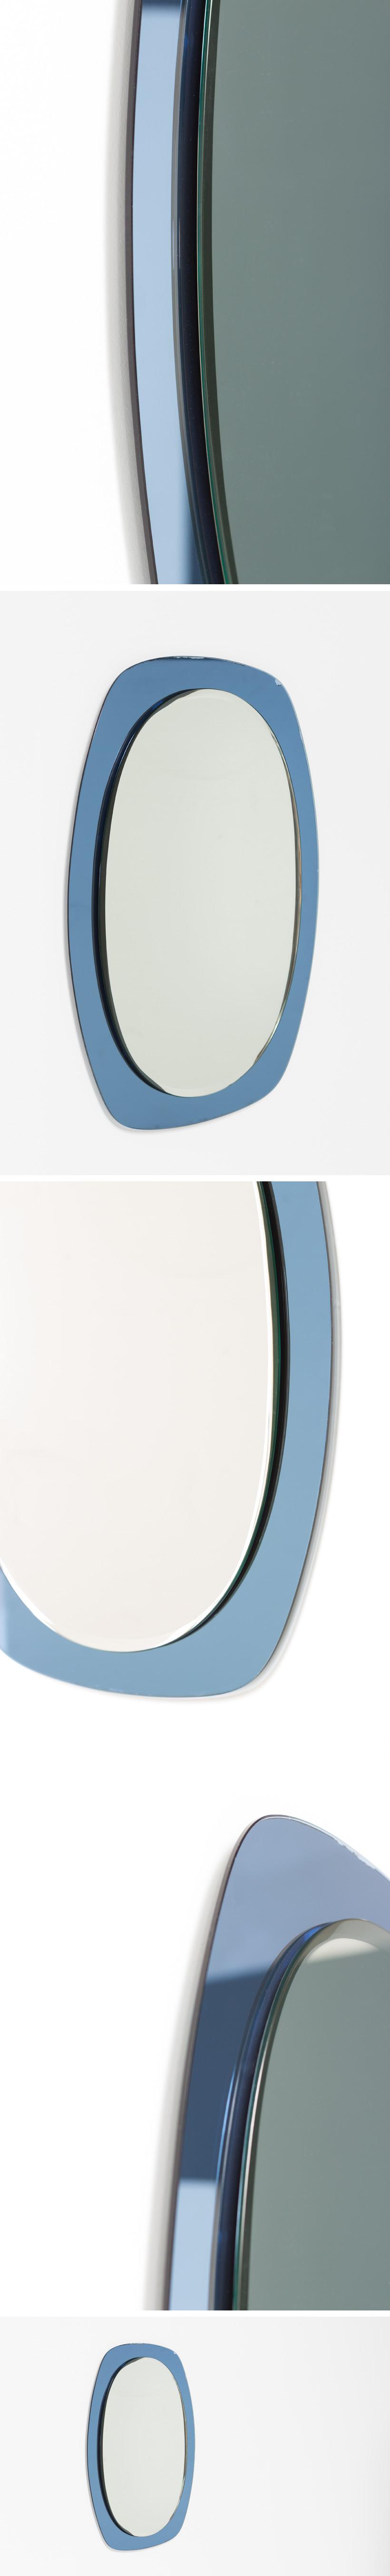 Italian modern smoked blue wall mirror circa 1960 Large